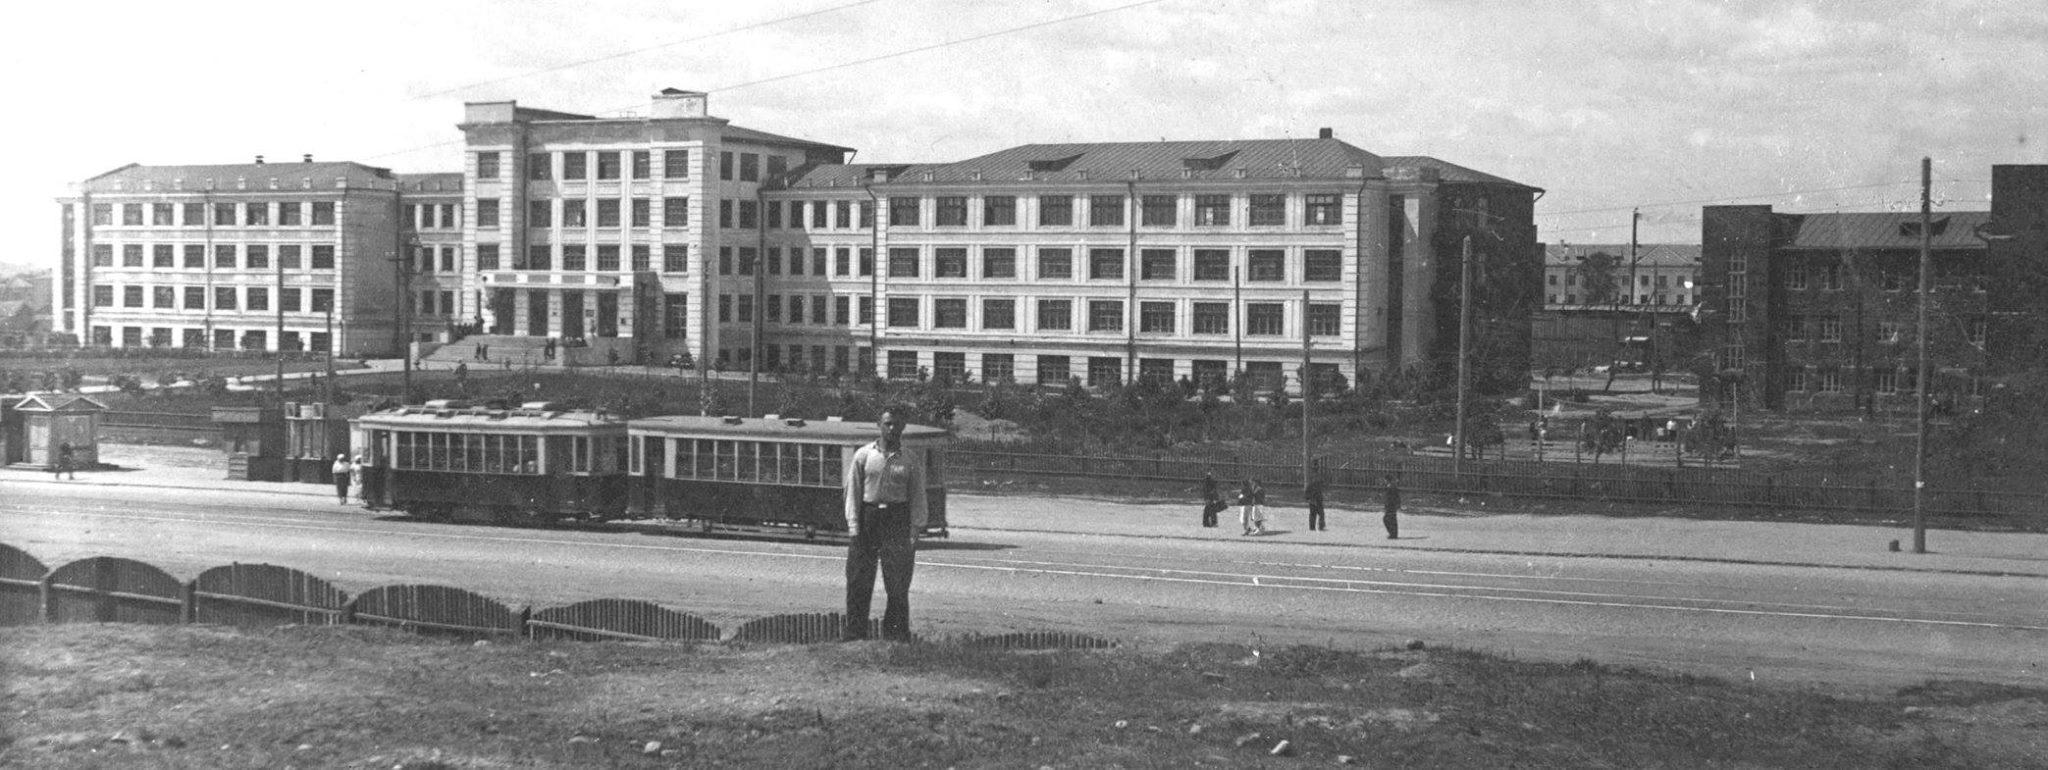 1940 год, трамвай около Белорусского государственного политехнического института. Вторая мировая уже в разгаре и скоро доберётся до Минска…